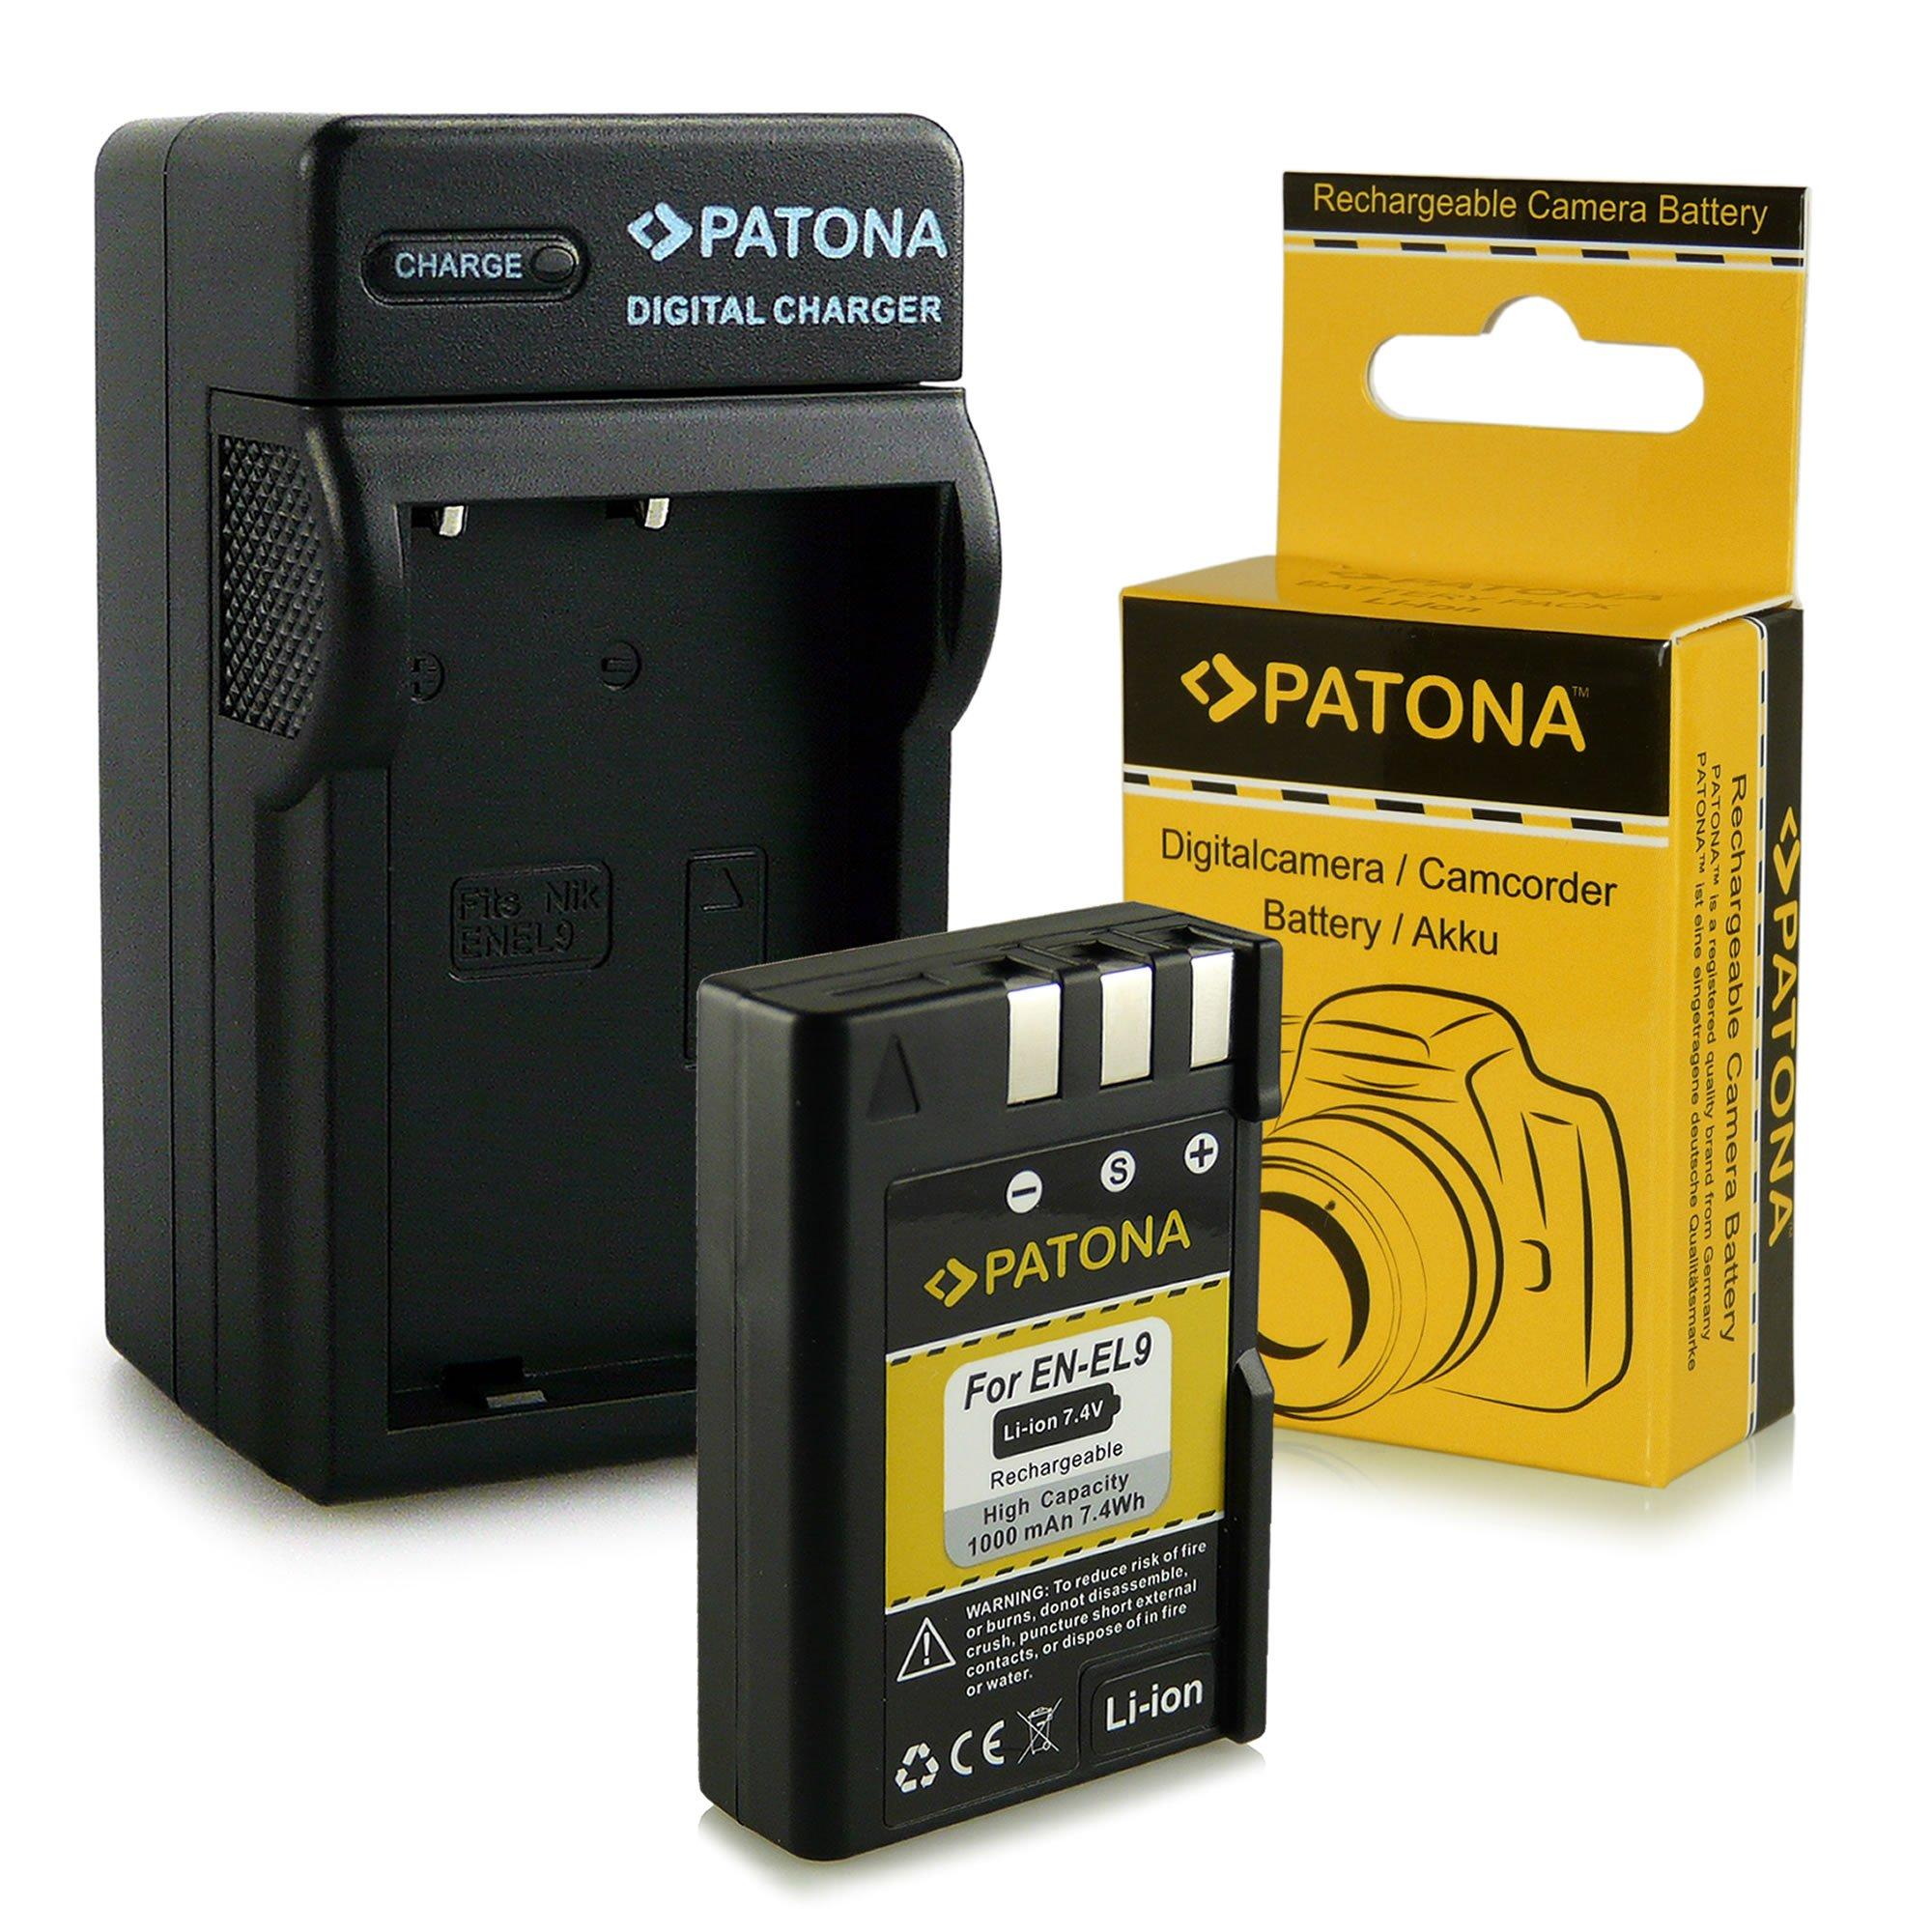 Cargador + Batería EN-EL9 / EN-EL9a para Nikon D40 | D40x | D60 ...